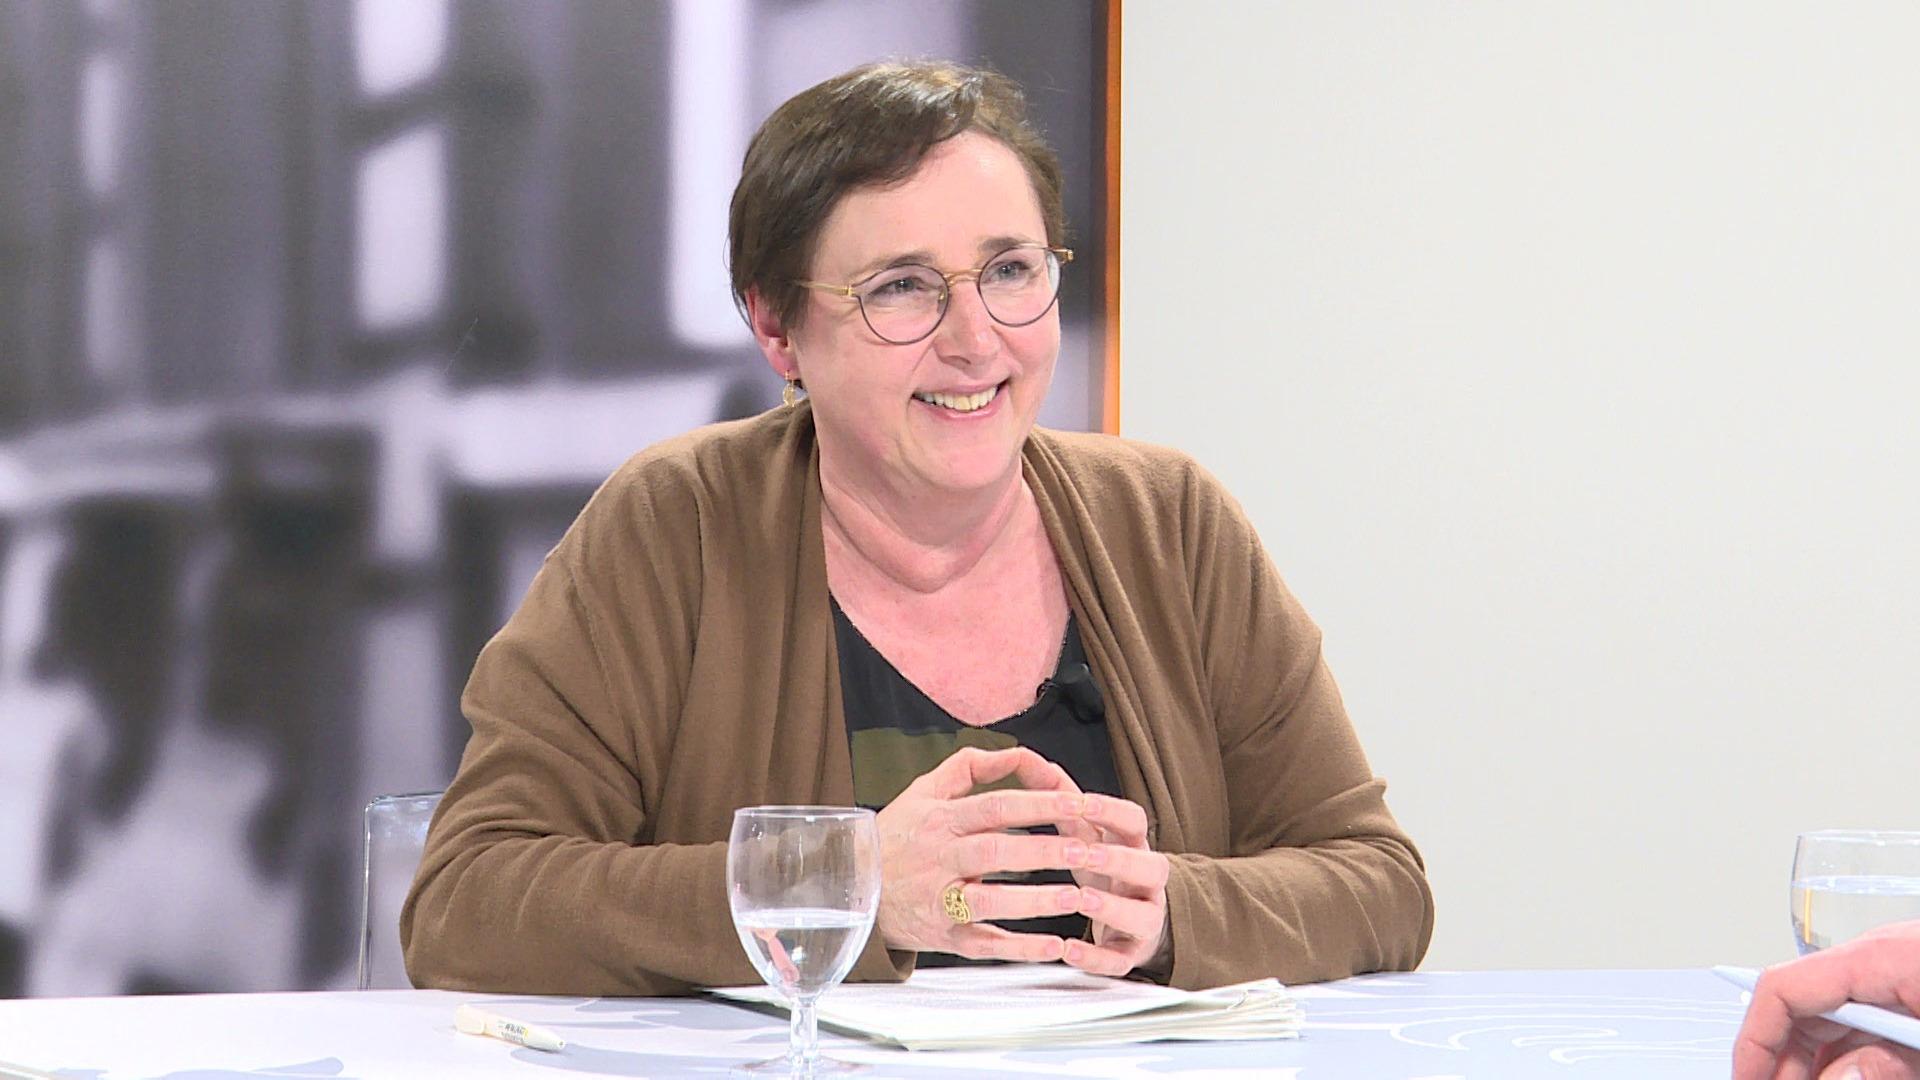 Studio Vlaams Parlement: Karin Brouwers over de stadsboulevards E40 en A12